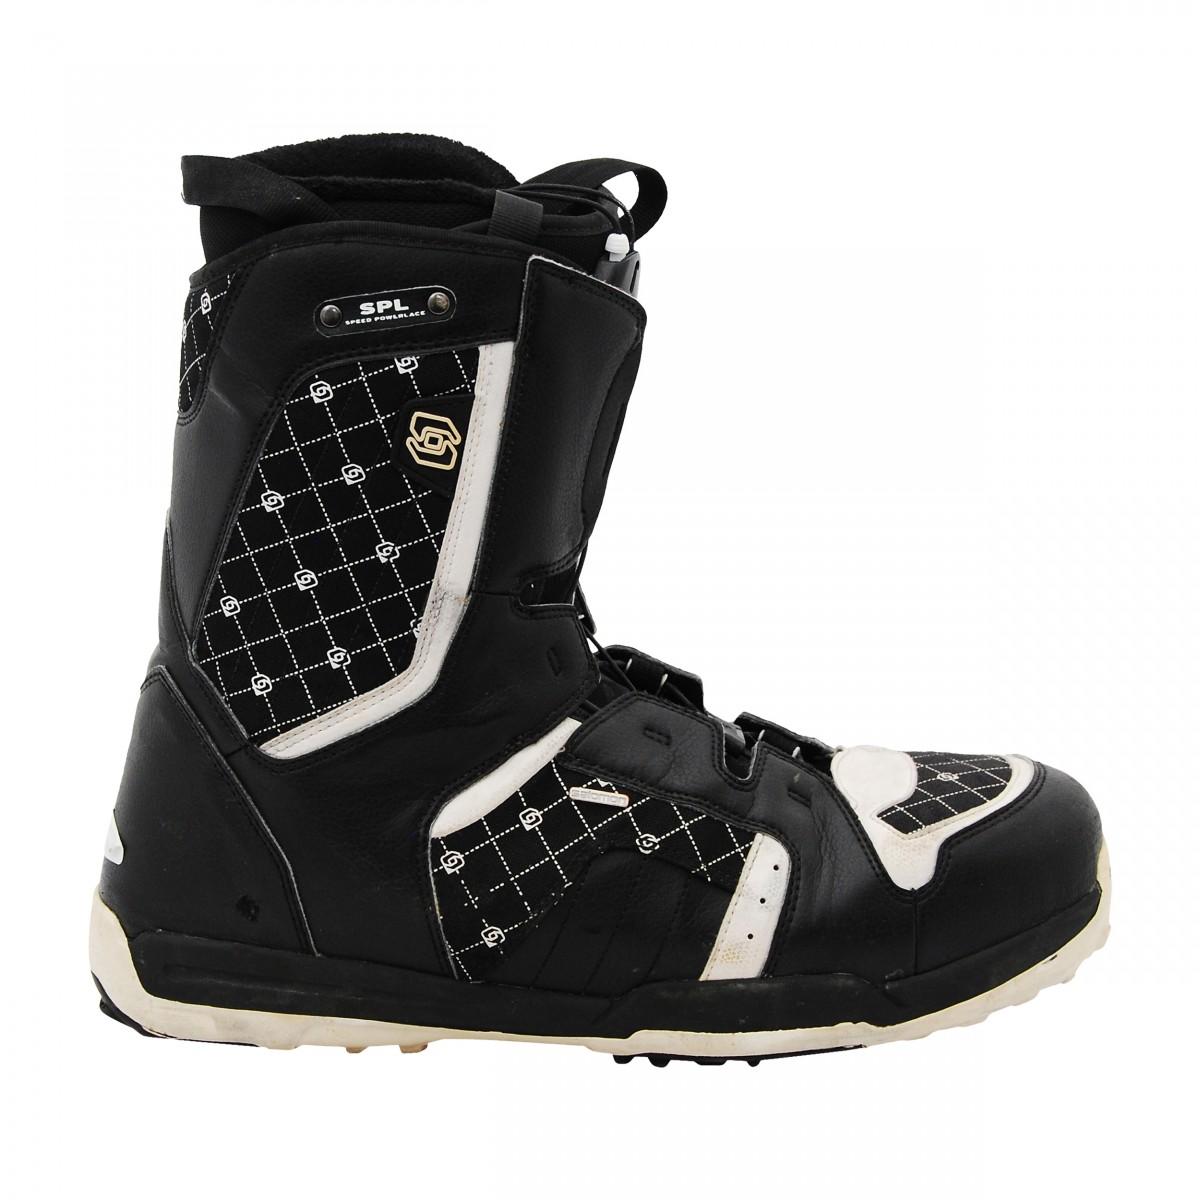 Détails sur Boots occasion de snowboard Salomon Symbio noirblanc